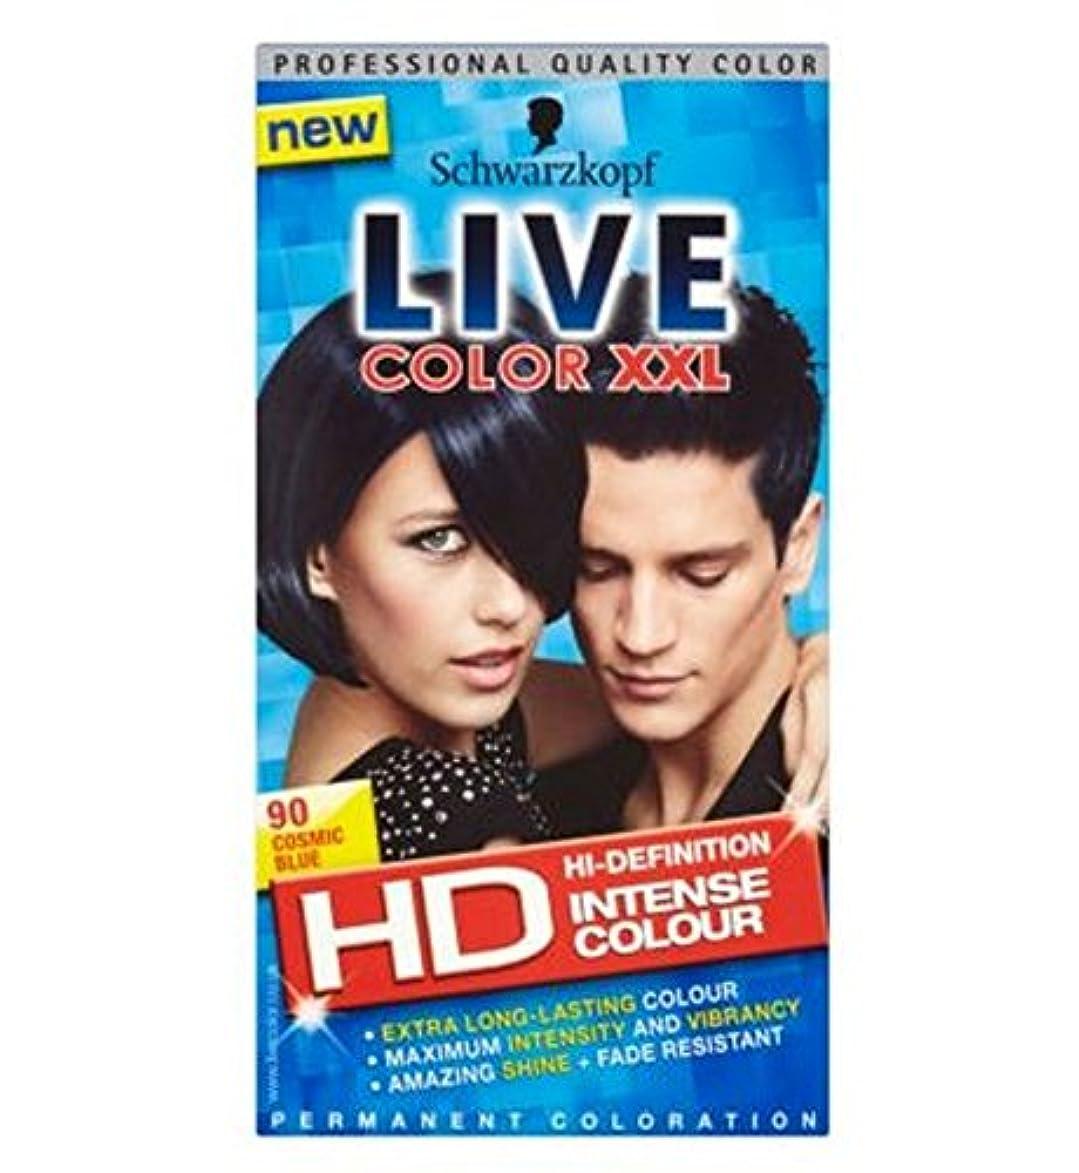 パーツありそう感謝祭Schwarzkopf LIVE Color XXL HD 90 Cosmic Blue Permanent Blue Hair Dye - シュワルツコフライブカラーXxl Hd 90宇宙の青い永久青い髪の染料 (Schwarzkopf) [並行輸入品]